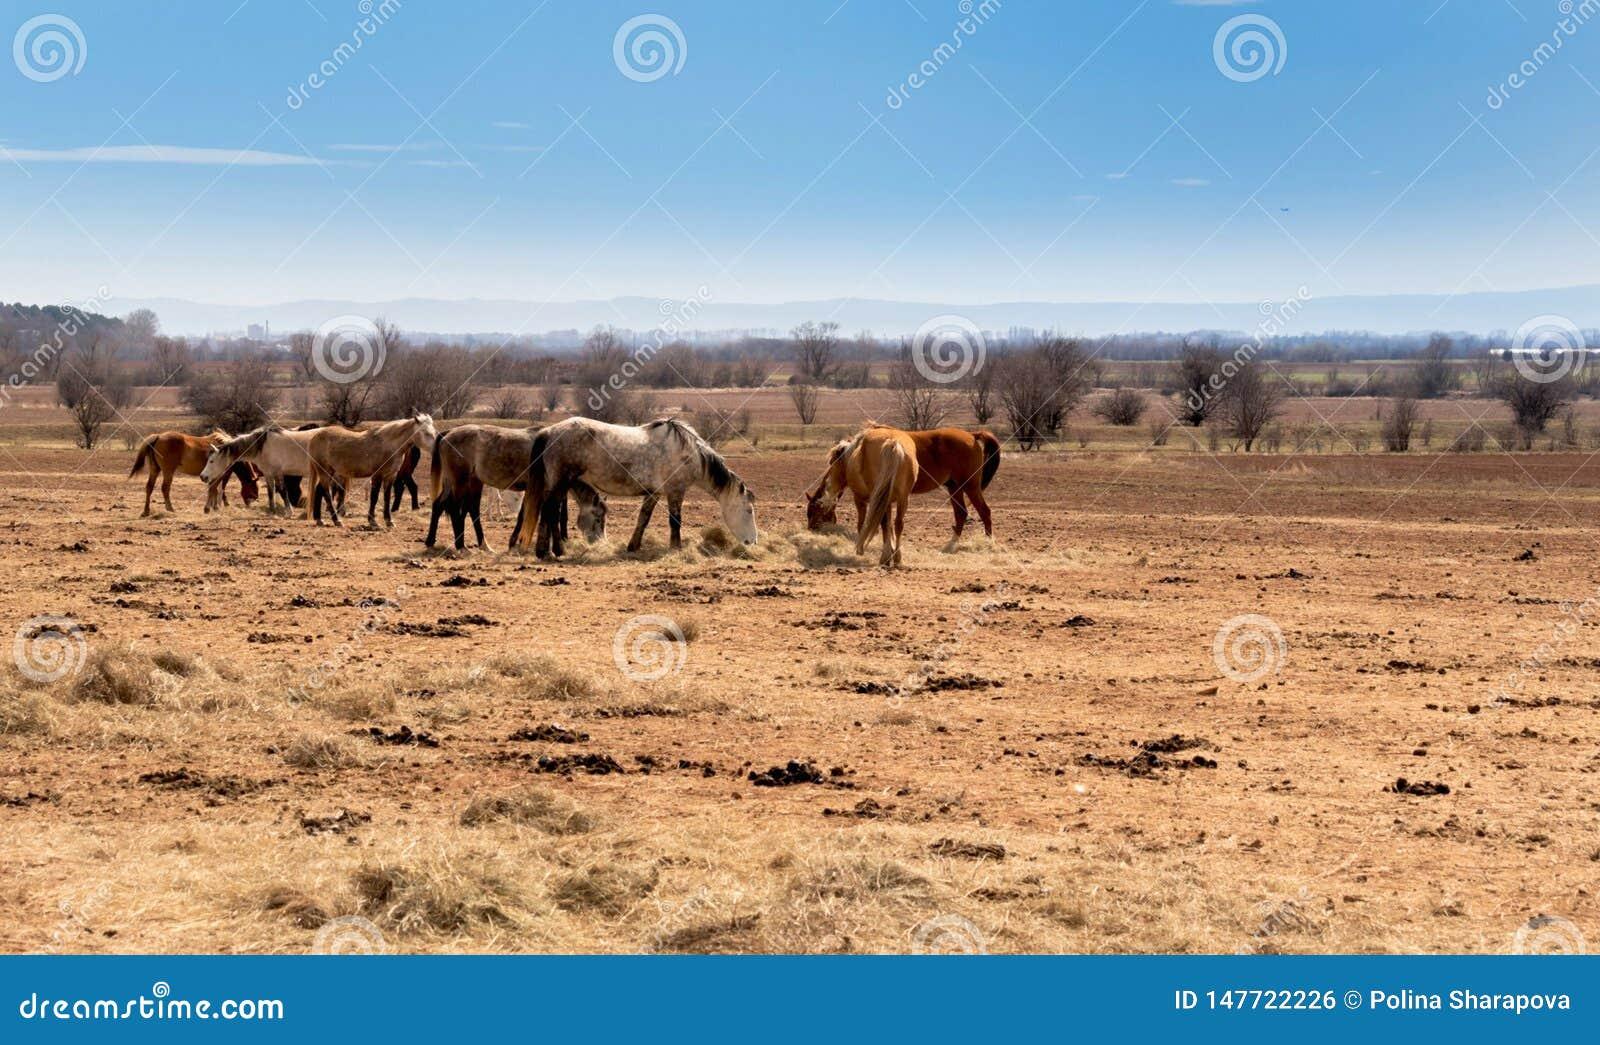 Schöne Landschaft, die Herde von den Pferden, die auf dem Gebiet weiden lassen